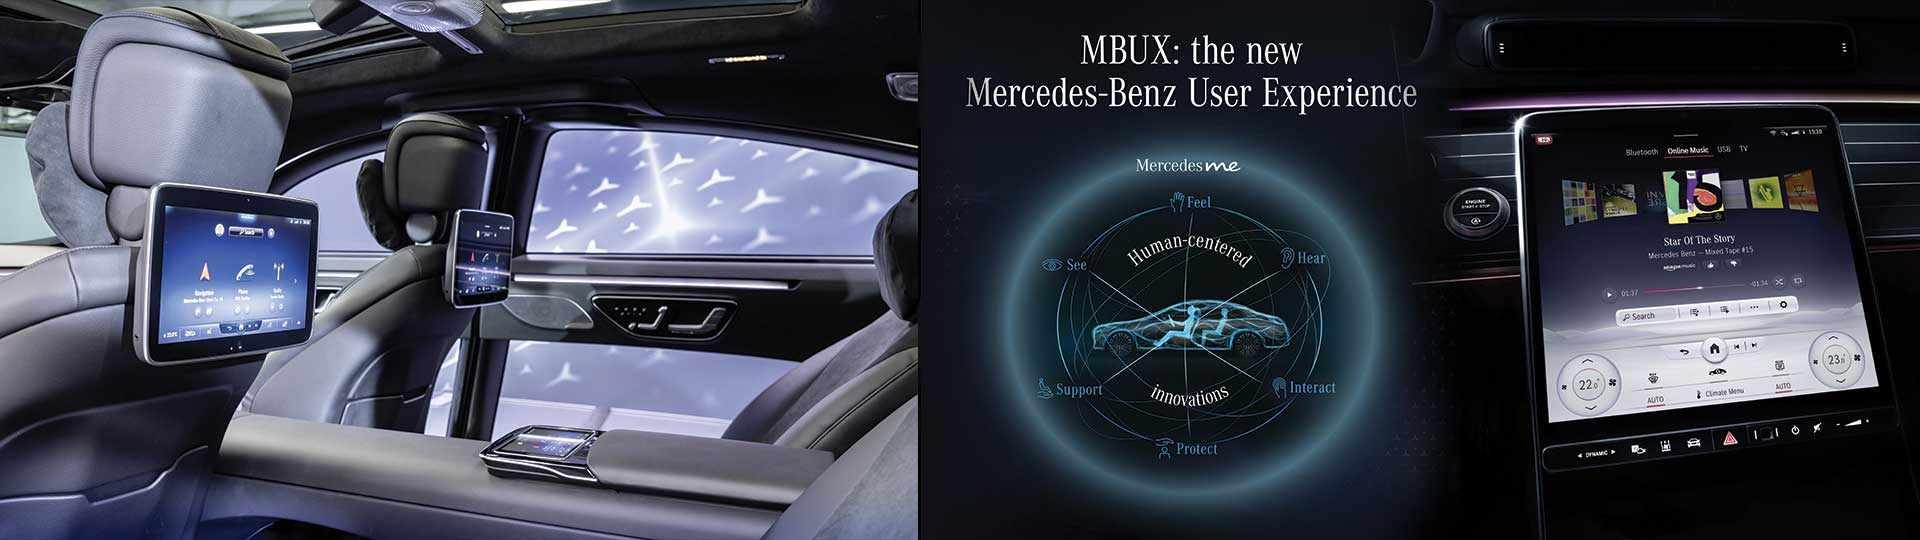 header_mb_mymbux.jpg